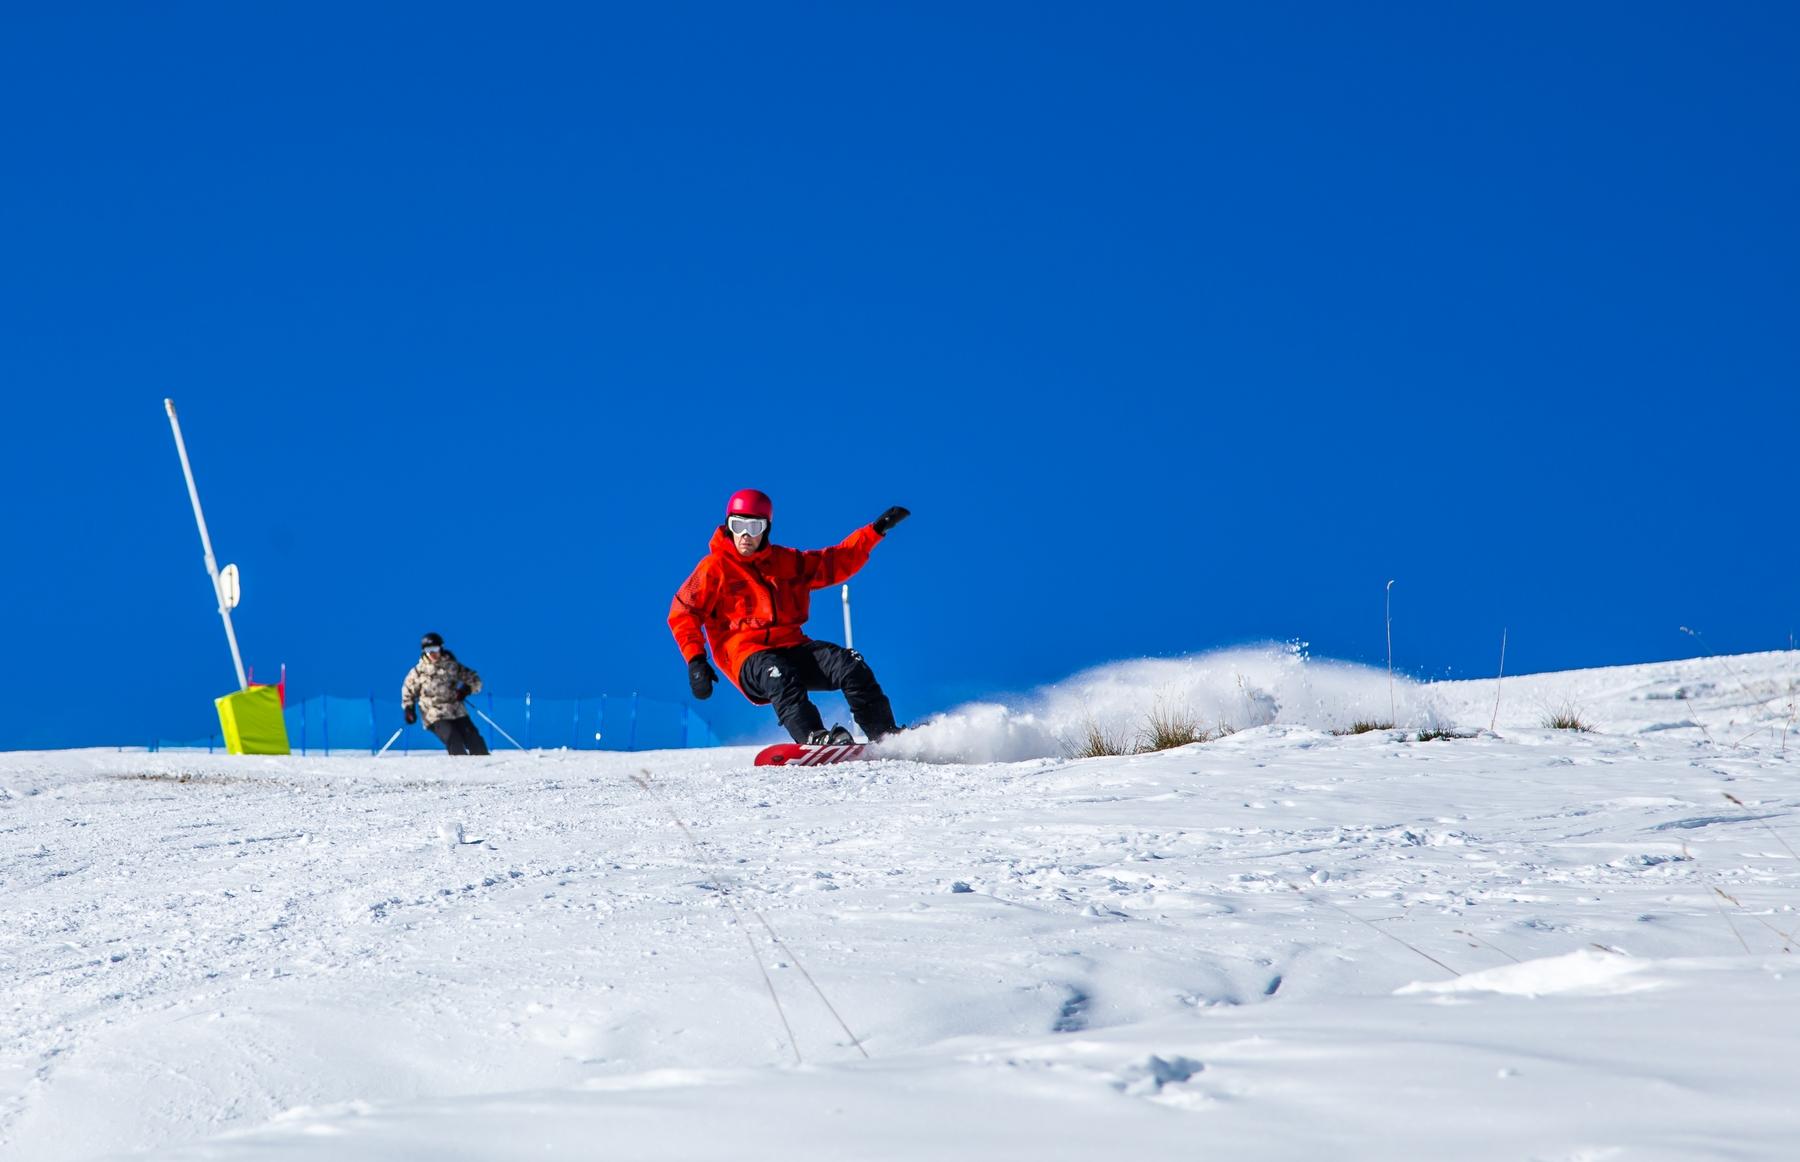 В ВОЗ считают, что катание на горных лыжах не способствует распространению COVID-19